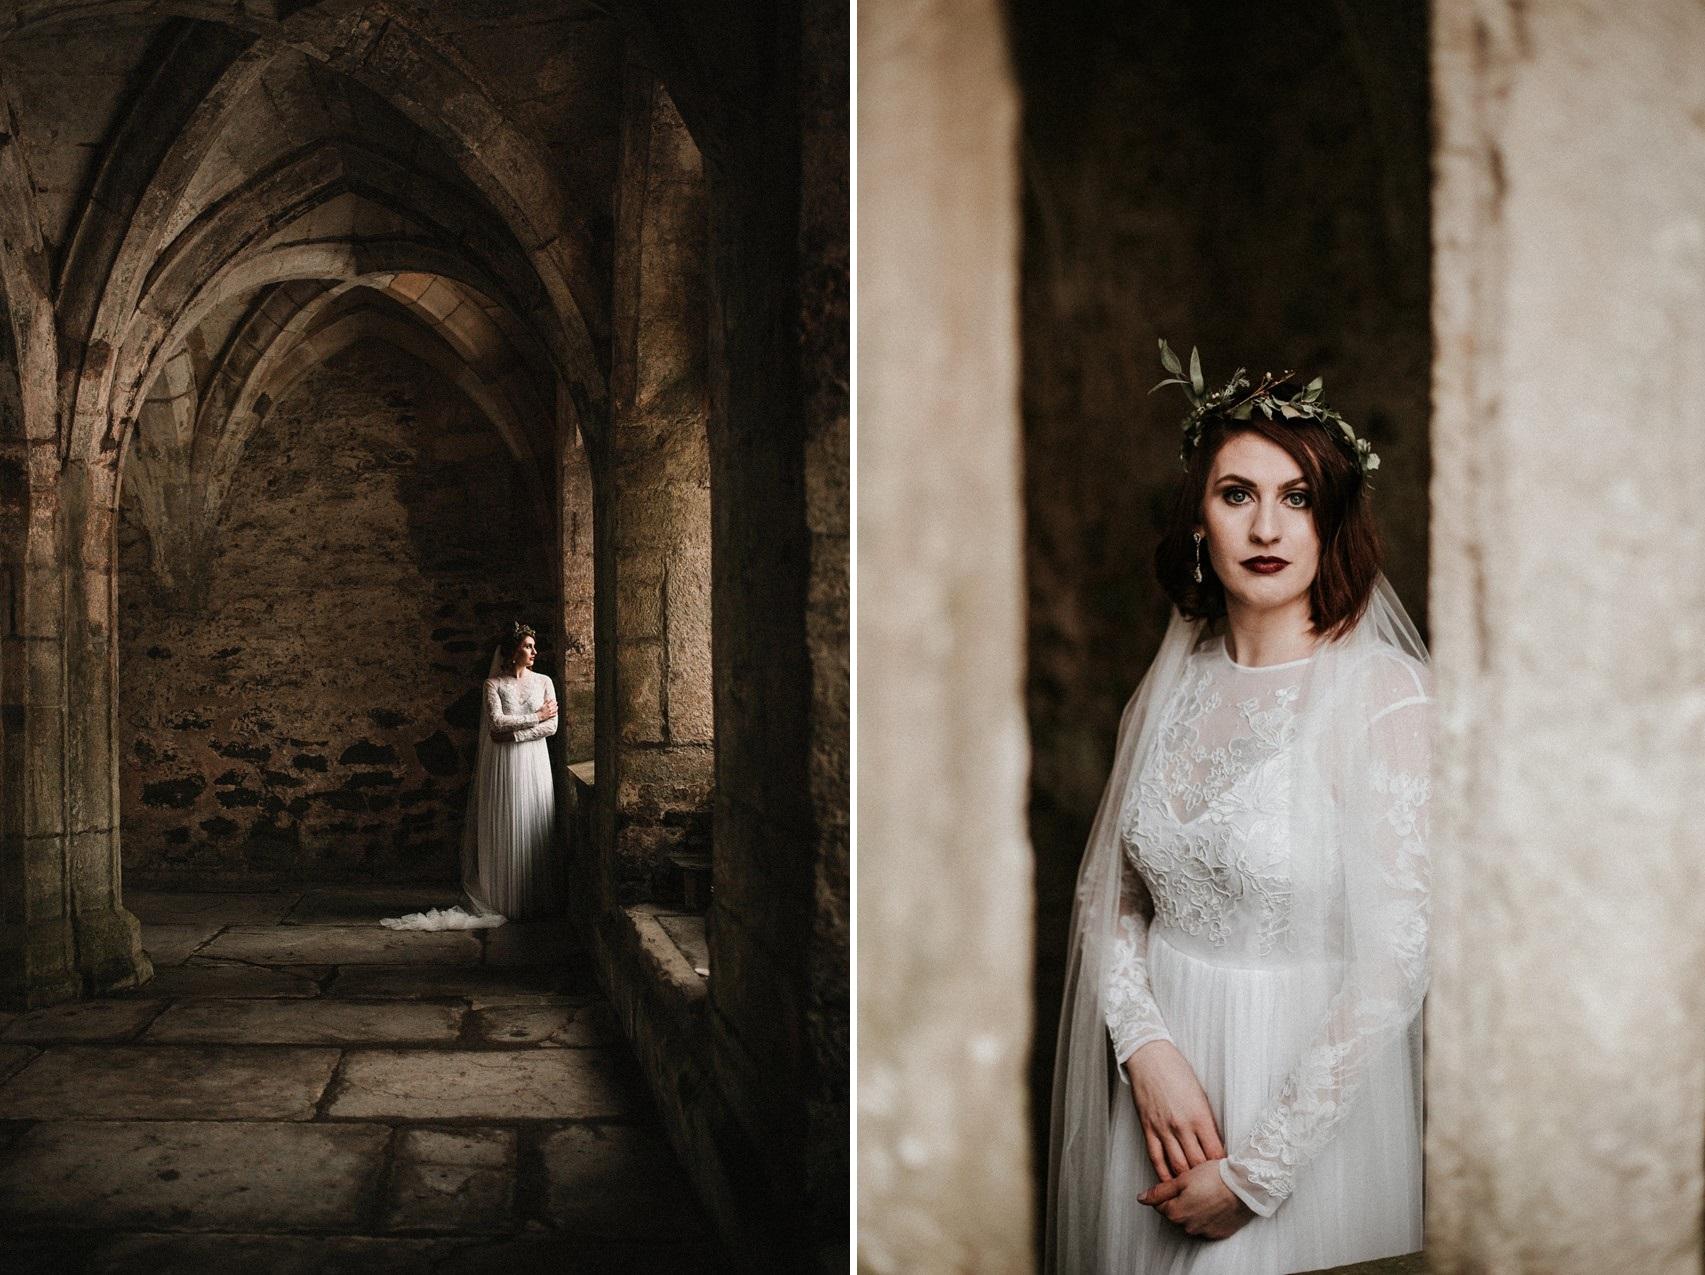 Winter Bridal Shoot at an English Abbey